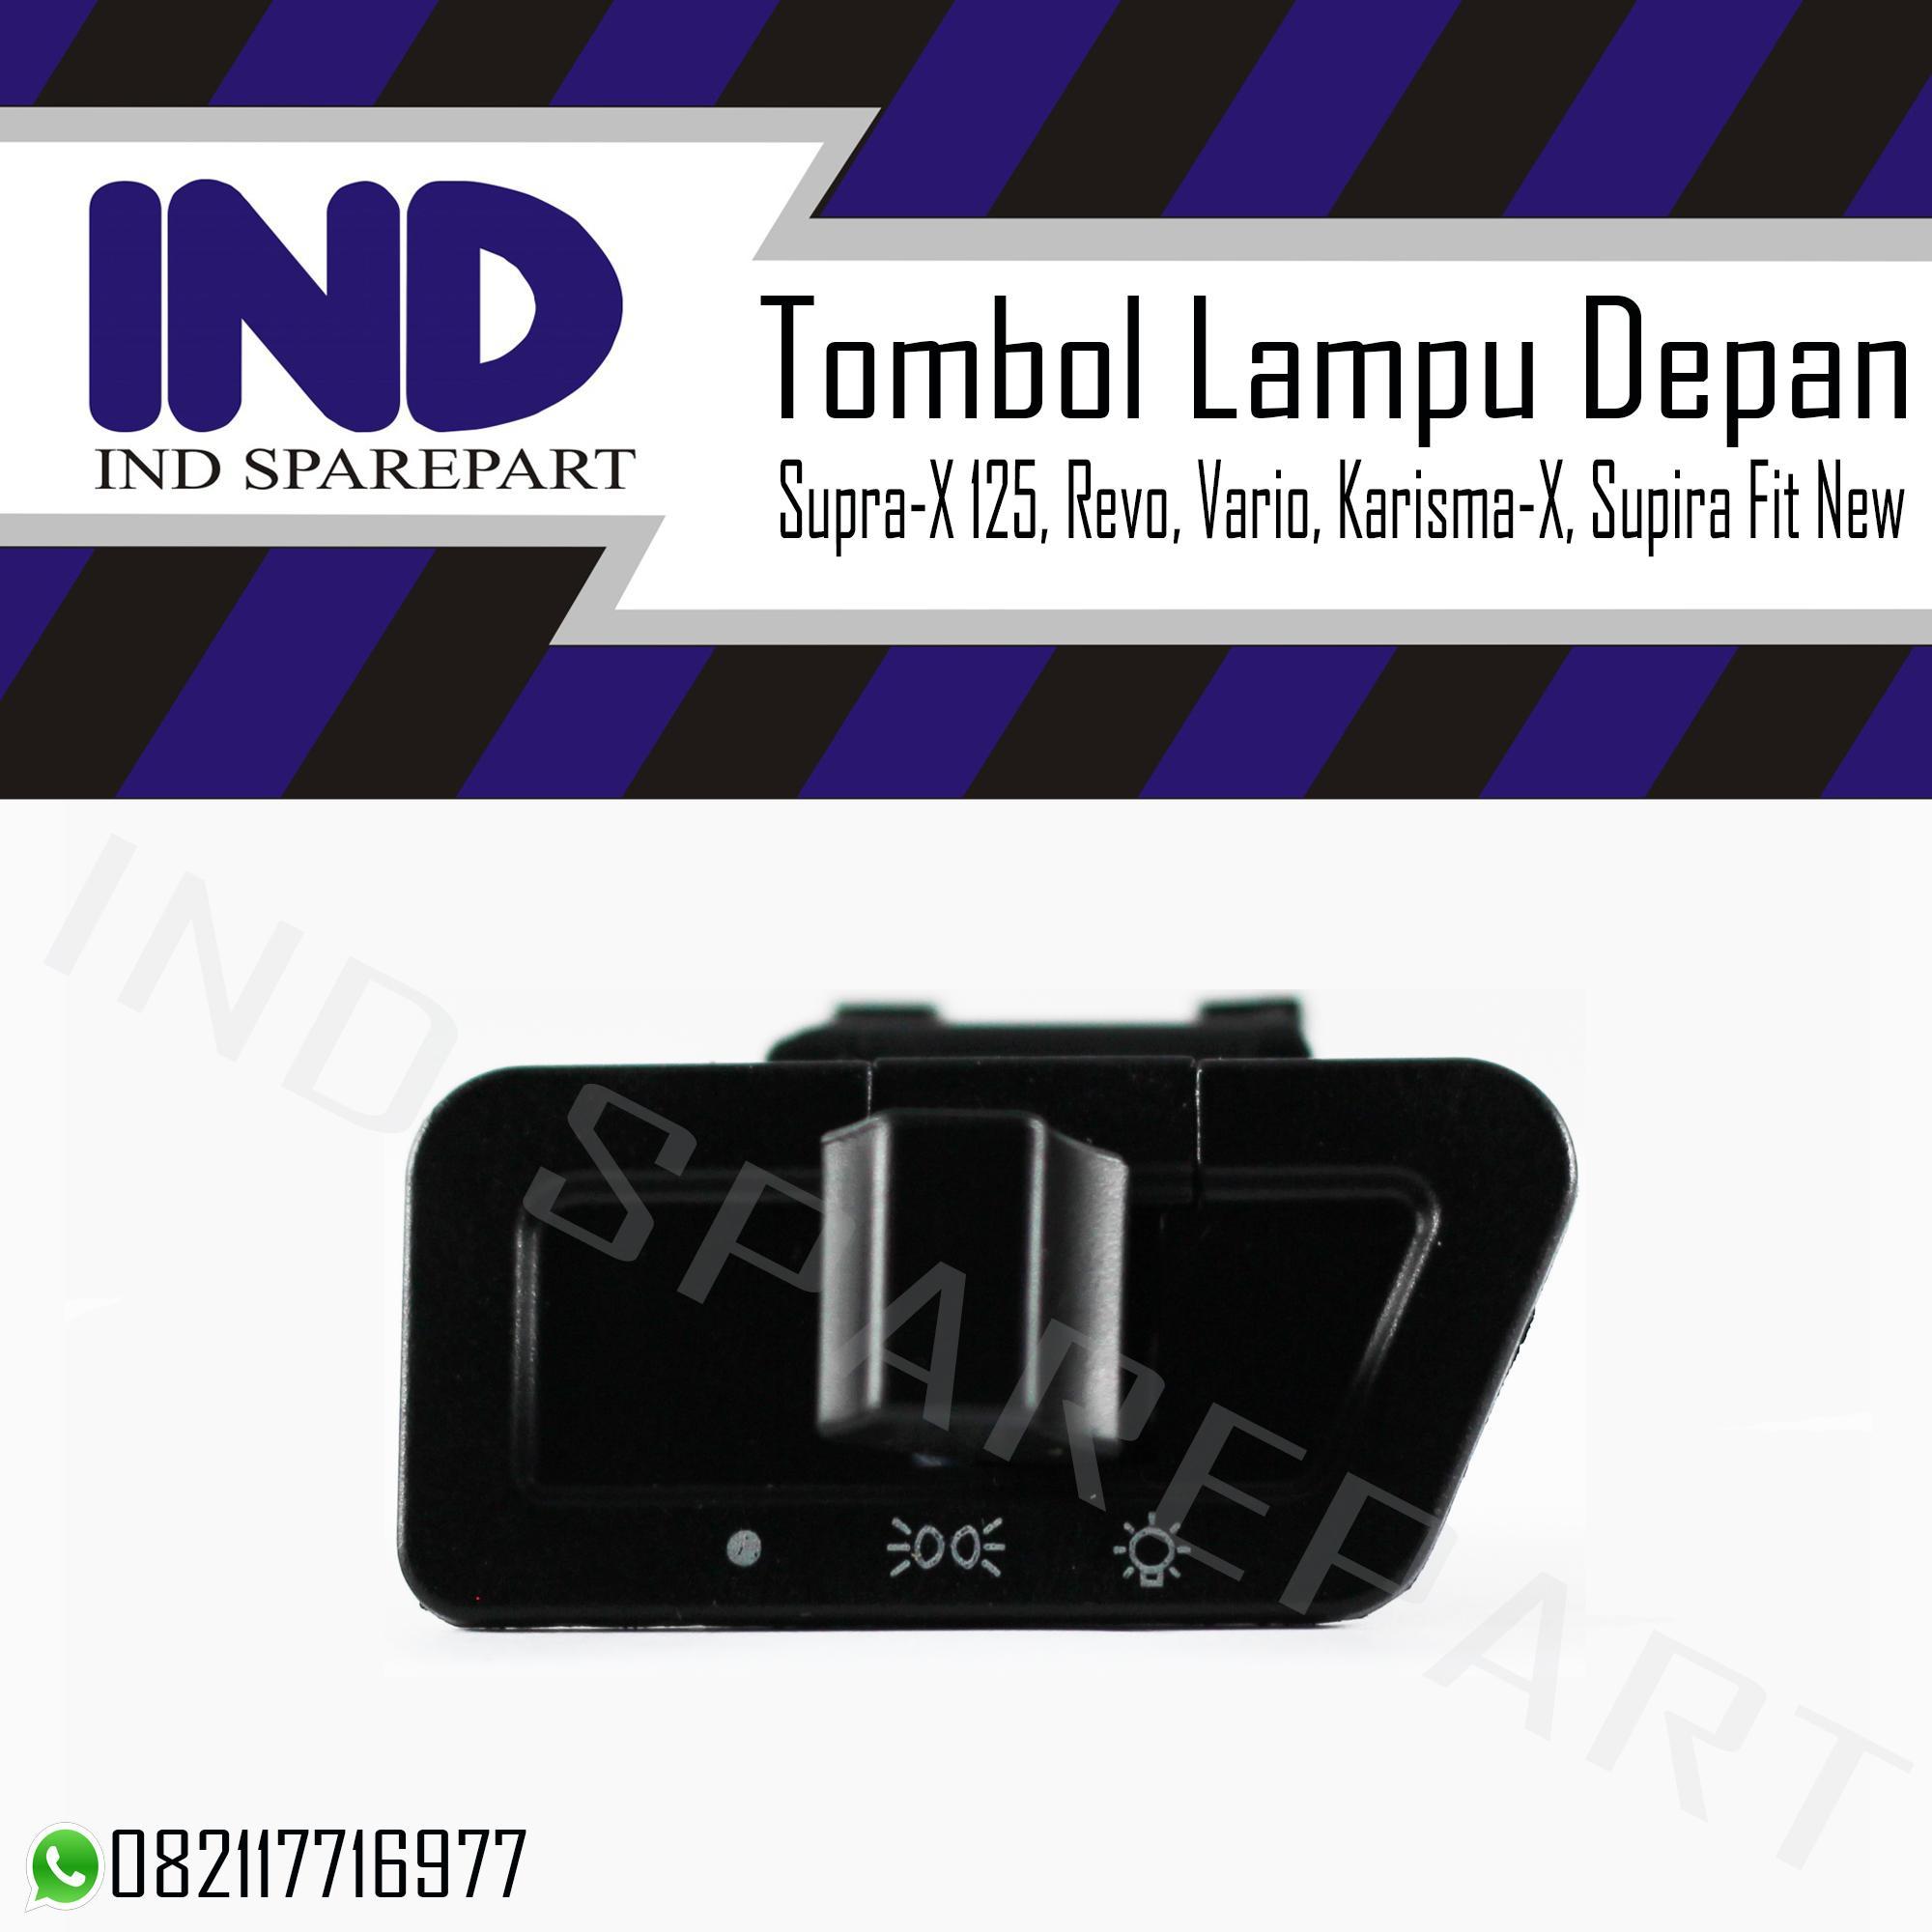 Tombol Lampu Depan Supra-X 125/Revo/Vario/Supra Fit New/Karisma-X